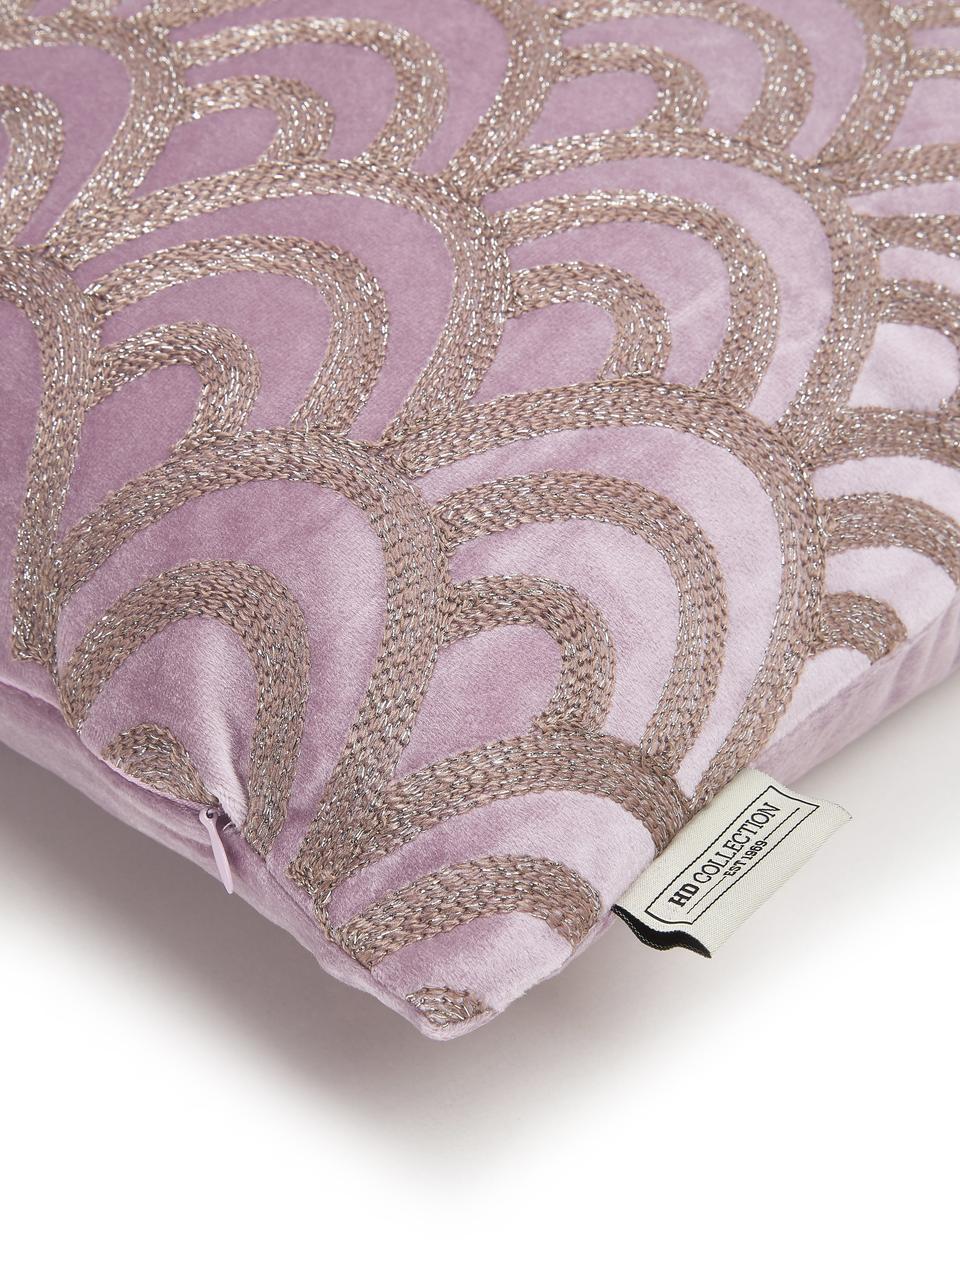 Cuscino con imbottitura in velluto Trole, 100% velluto (poliestere), Rosa, argentato, Larg. 40 x Lung. 60 cm